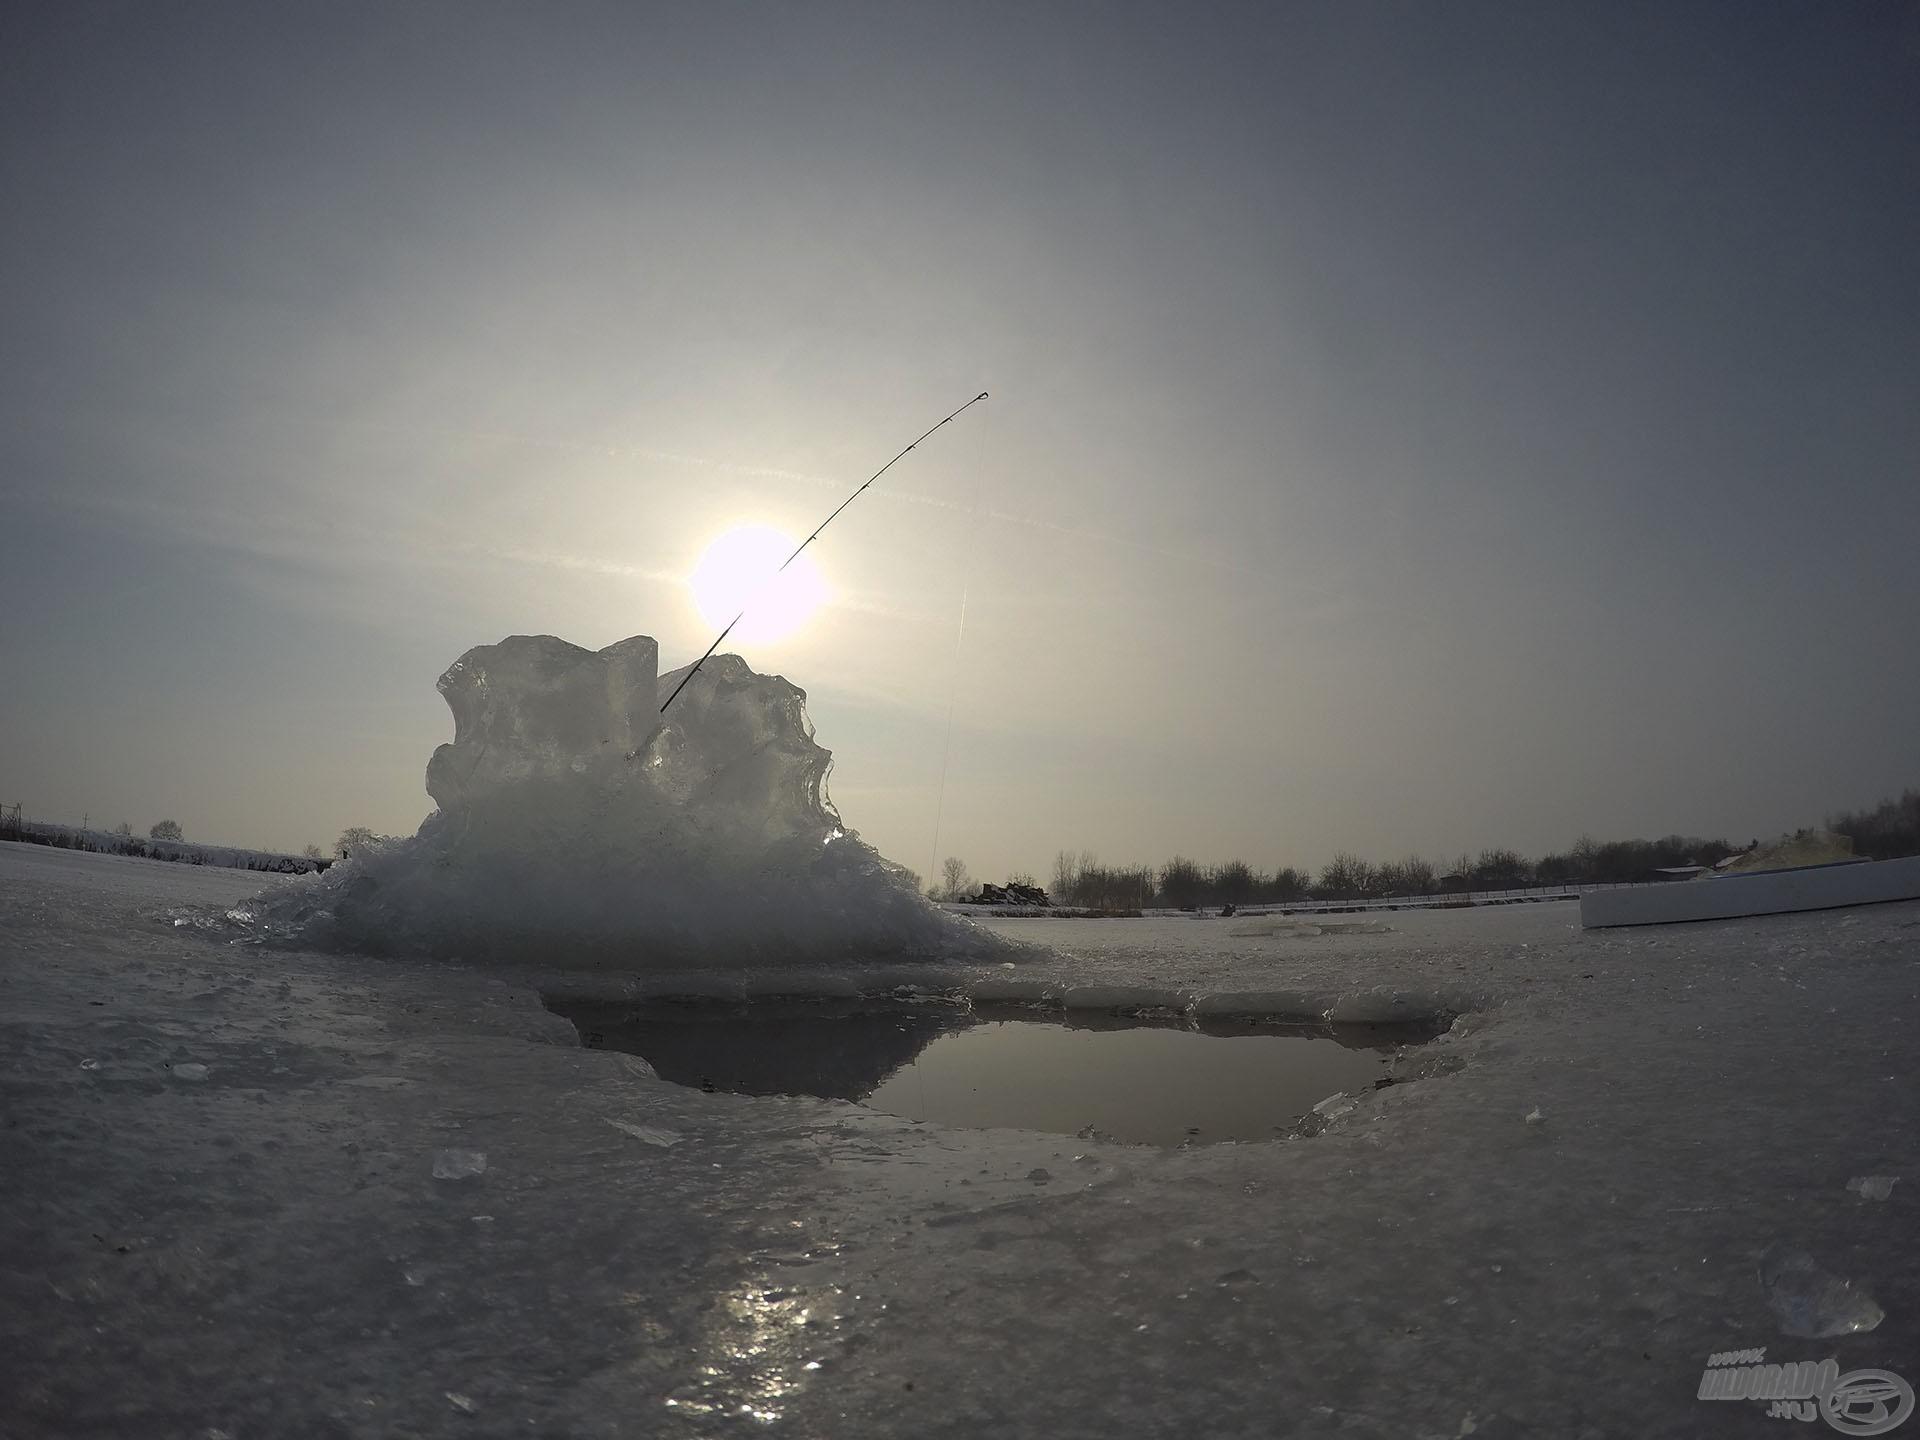 Különleges, igazán férfias 'játék' a téli horgászat. Aki teheti, próbálja ki, mert életre szóló élményekkel gazdagodhat!